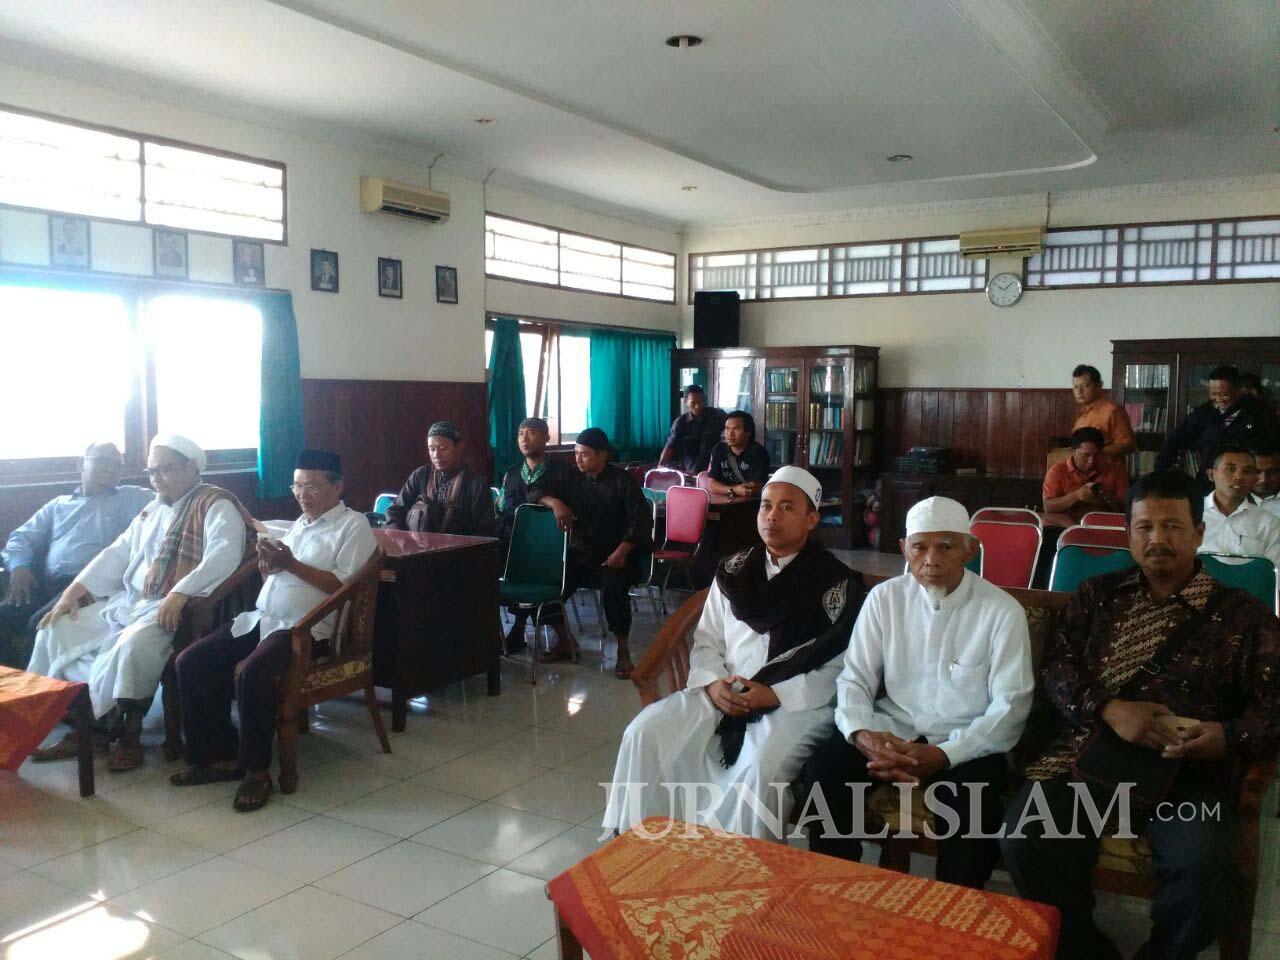 Kawal Kasus Penistaan Agama, Forum Umat Islam Sragen Sambangi Kejari